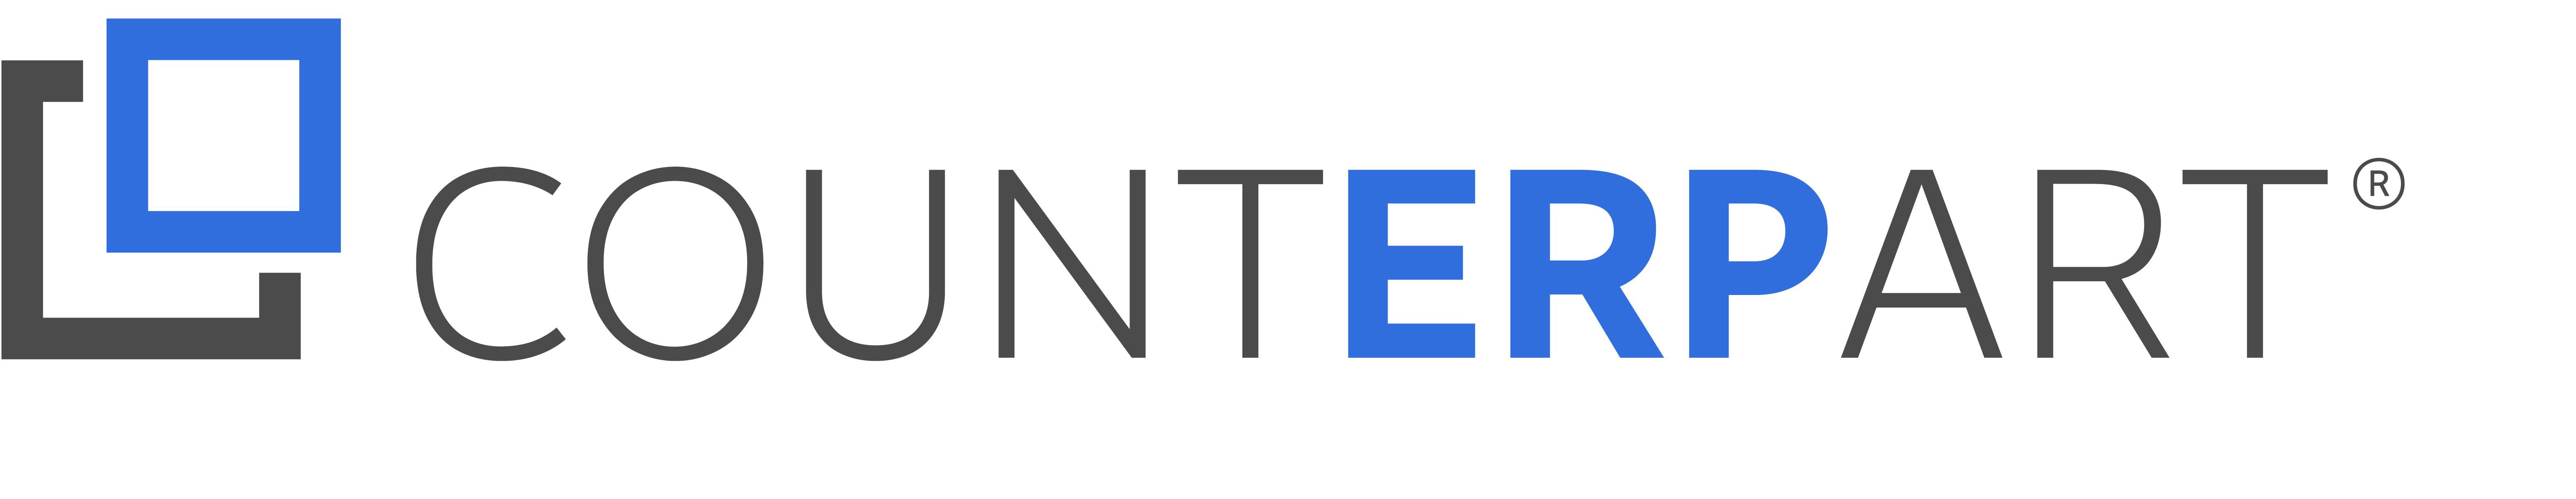 Joel Genzink Brings Engineering Expertise to COUNTERPART ETO ERP